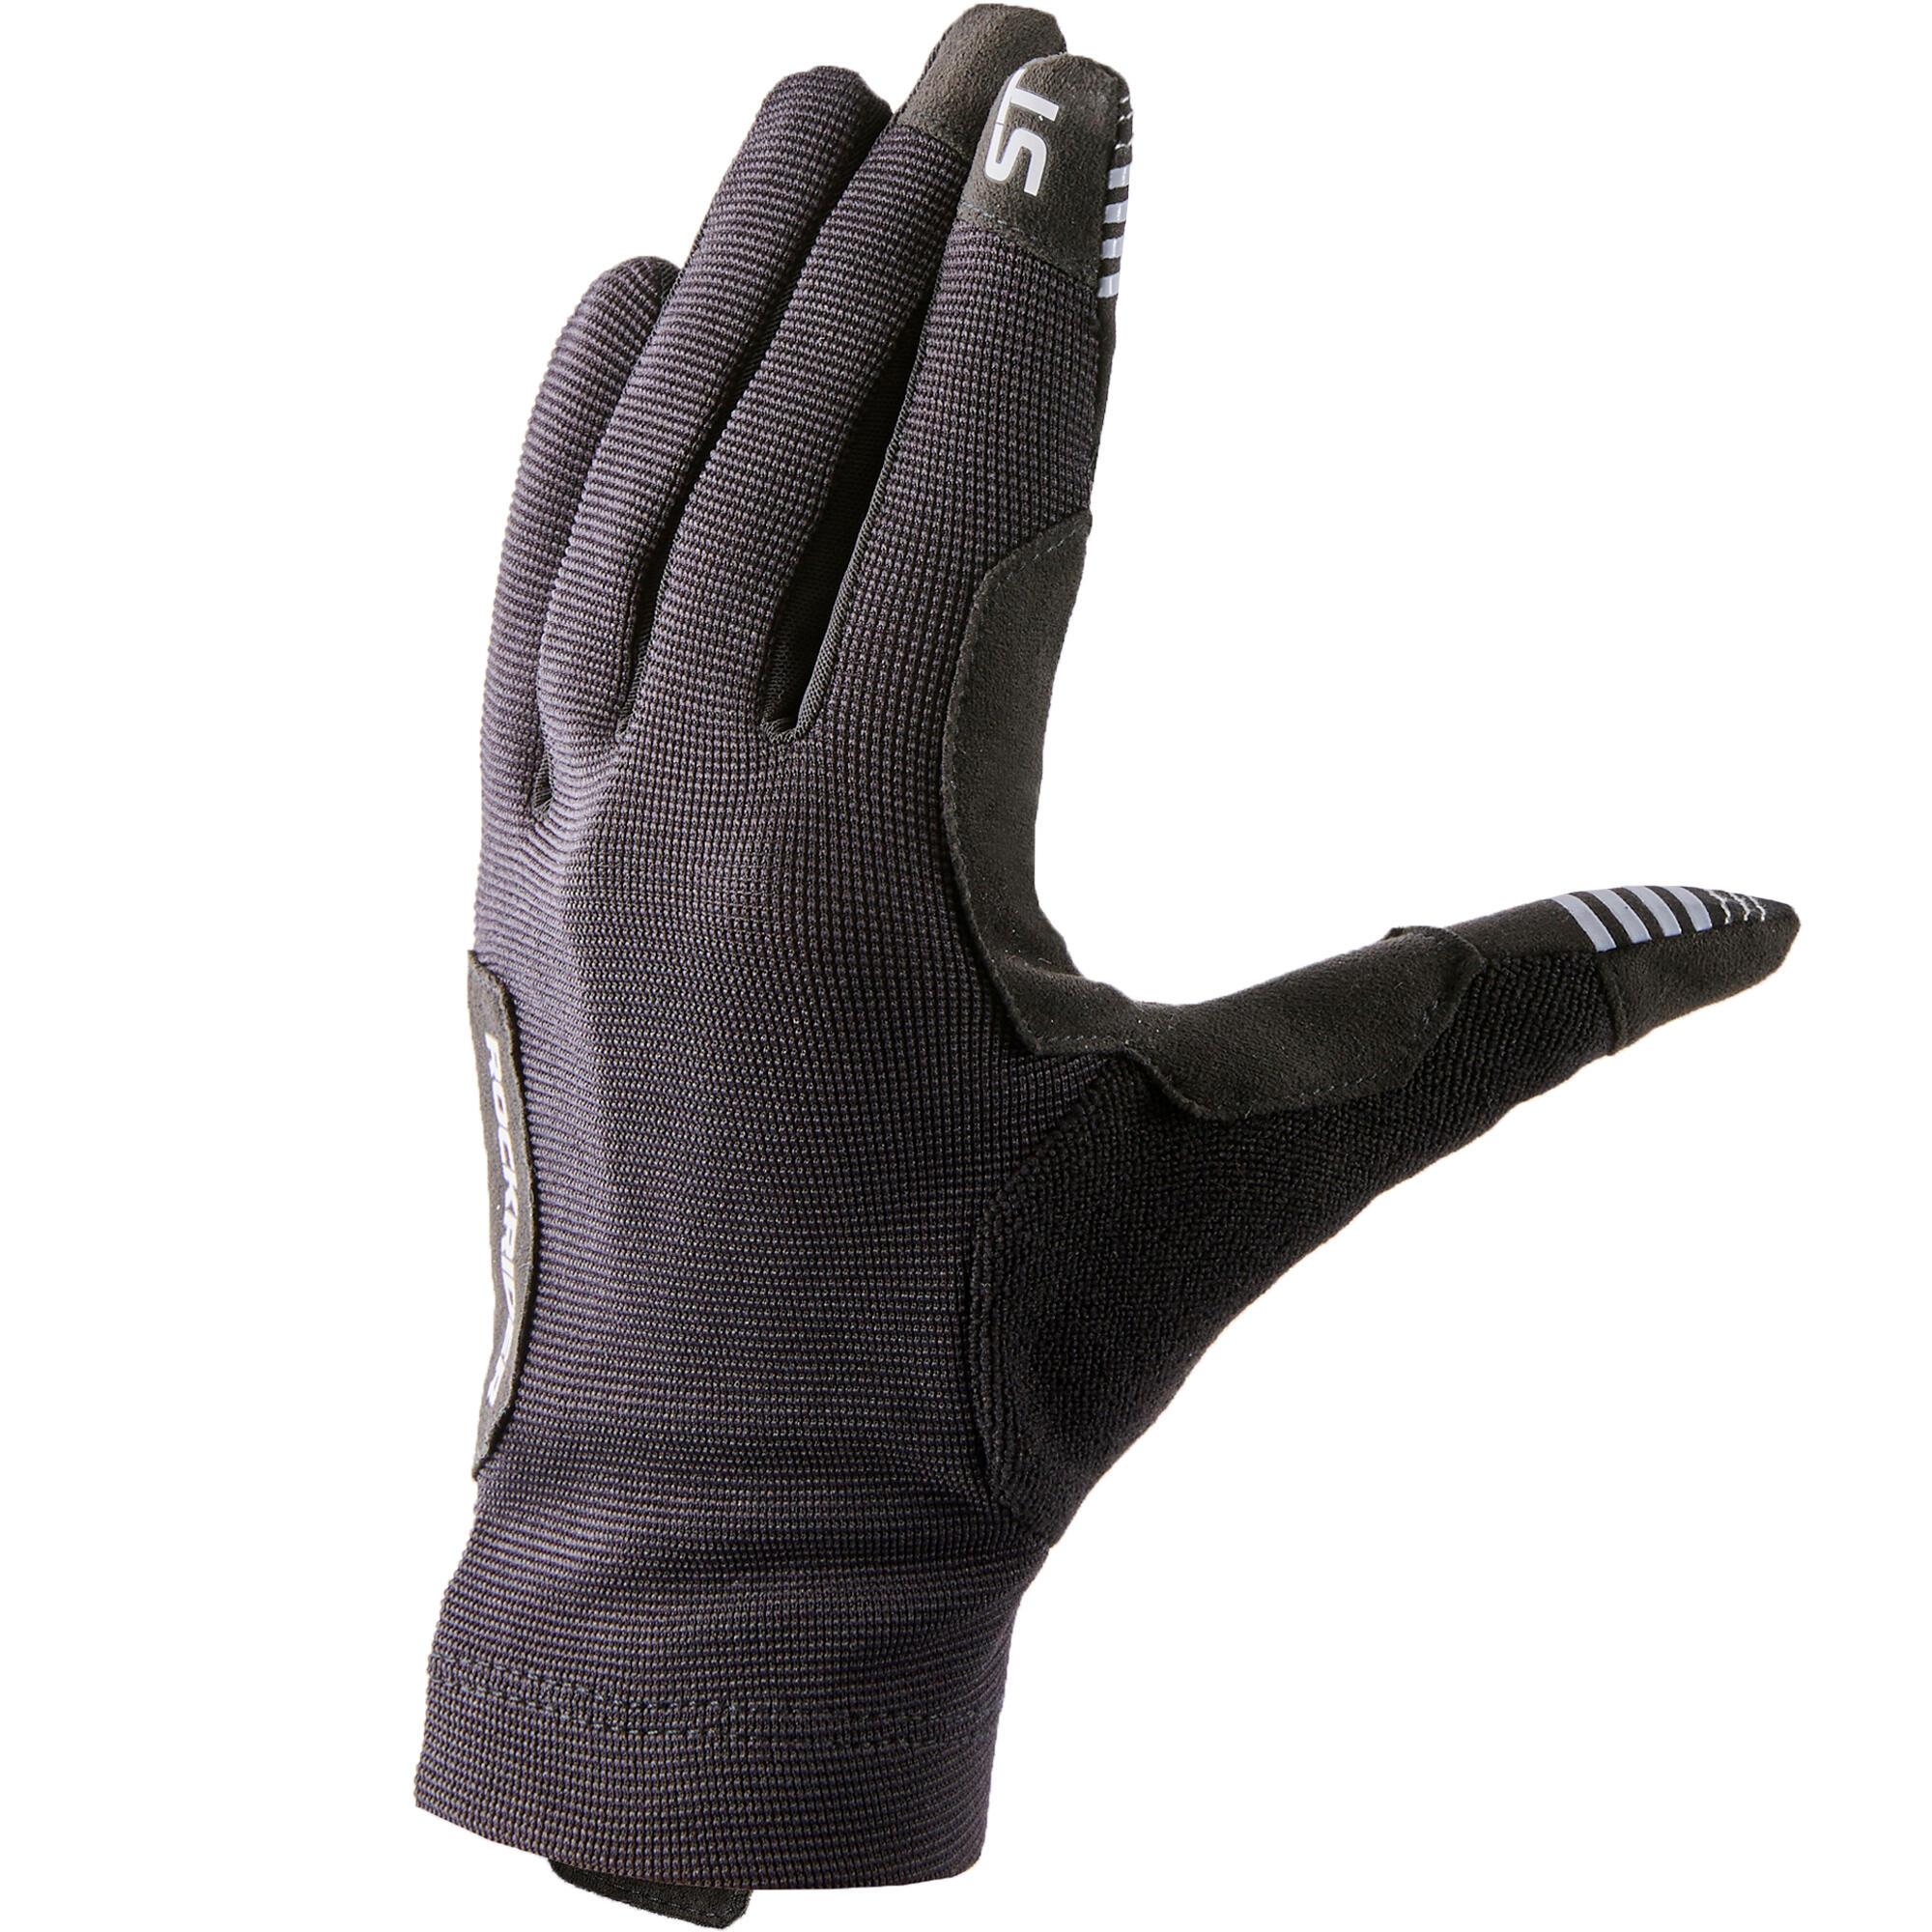 Artikel klicken und genauer betrachten! - Unser Team hat diese bequemen, wie eine zweite Haut sitzenden Handschuhe für erste Touren mit dem Mountainbike bei trockenem Wetter entwickelt.   im Online Shop kaufen